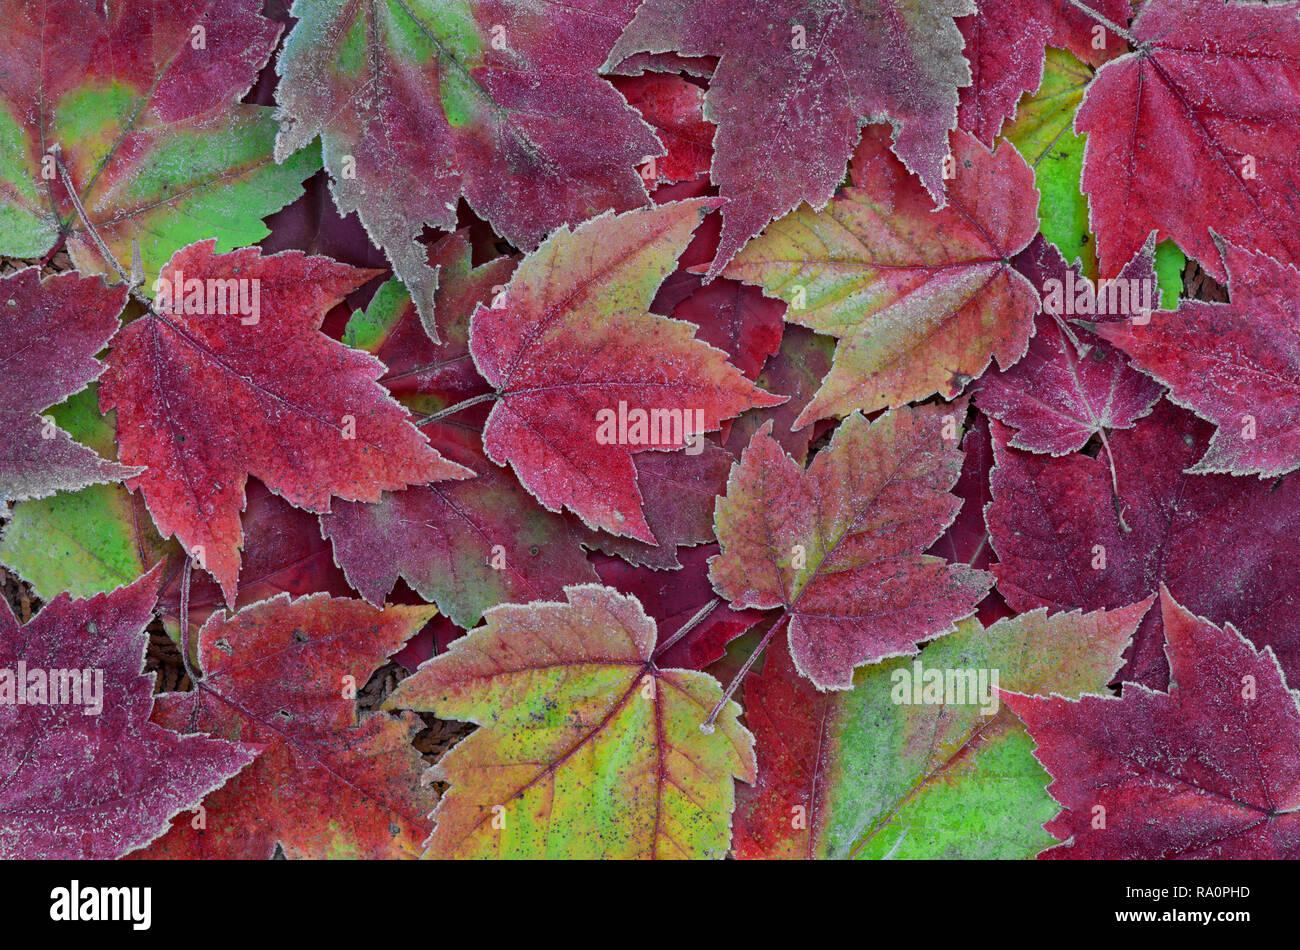 Feuilles d'érable givré, forêt, Automne, E USA, par aller Moody/Dembinsky Assoc Photo Banque D'Images